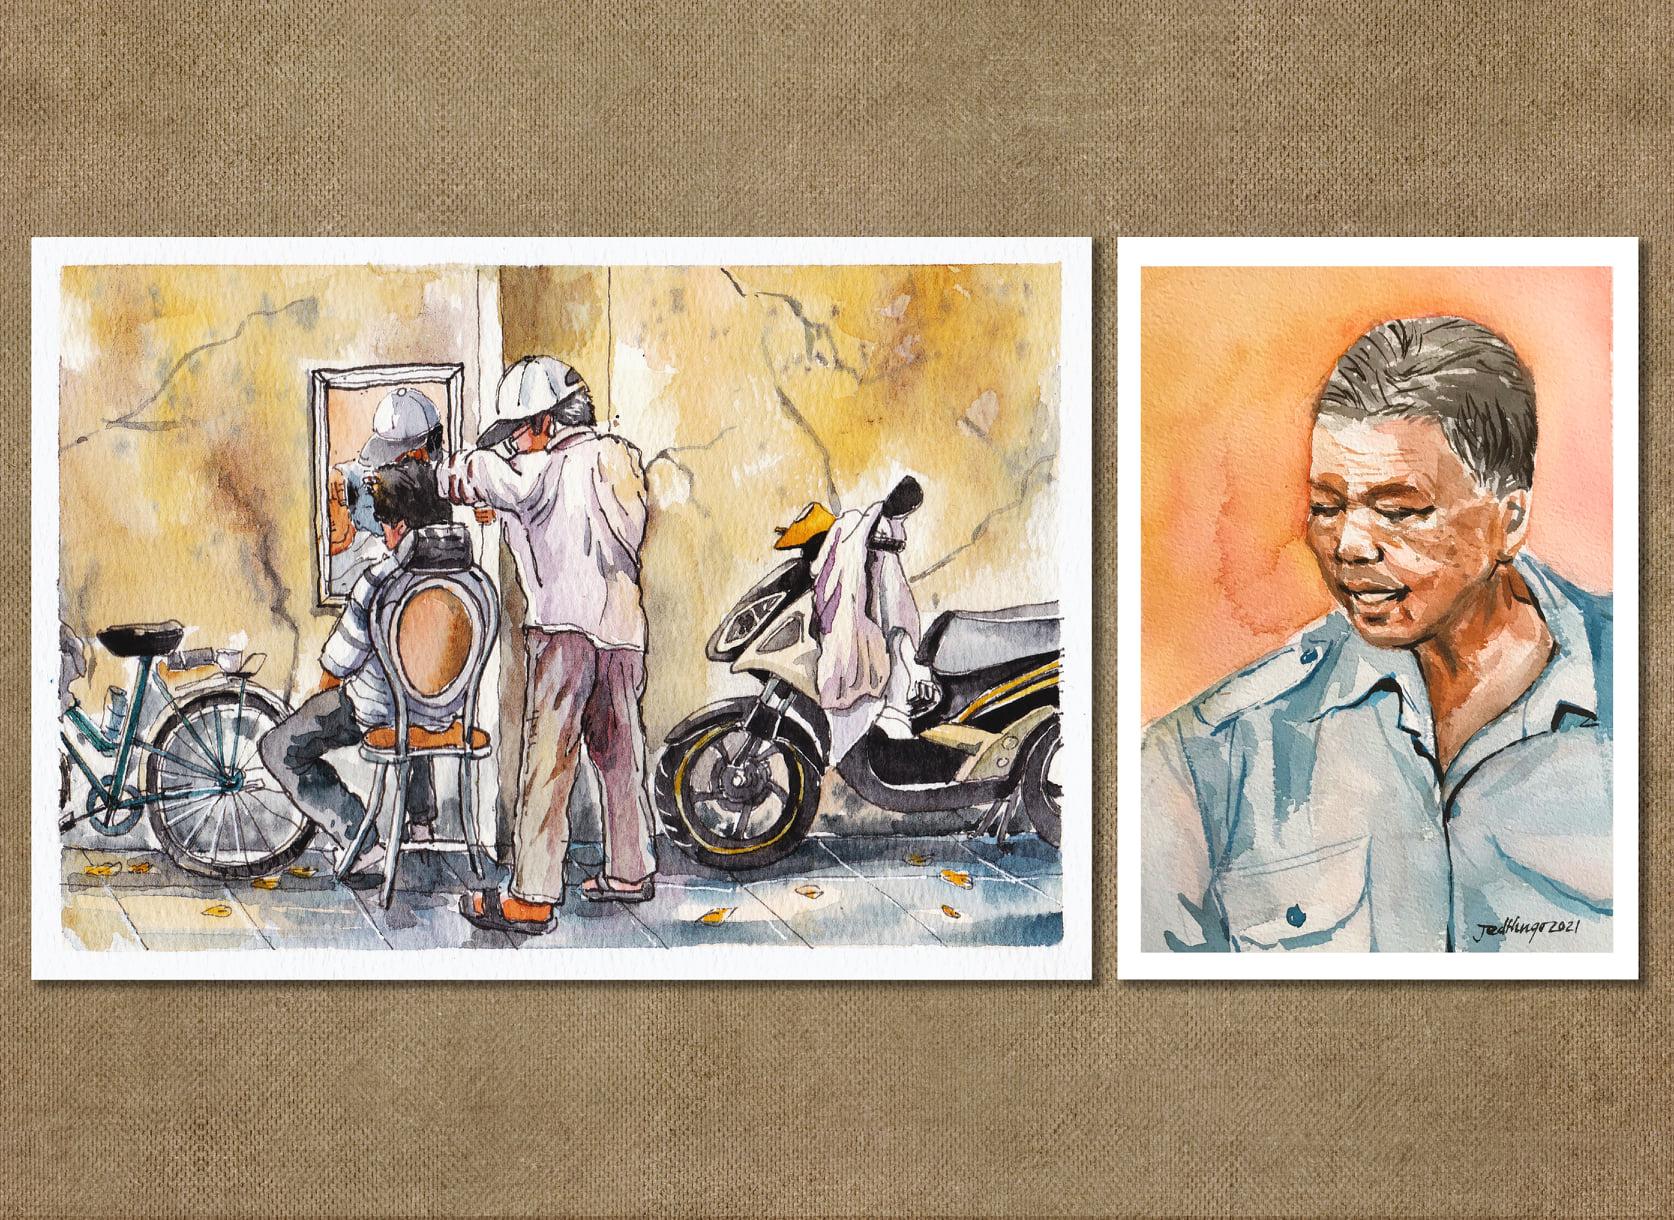 Tăng Quang không thực hiện bộ tranh một mình mà cùng một số bạn bè, người quen vẽ nên những hình ảnh thân thuộc của Sài Gòn. Tăng Quang nói